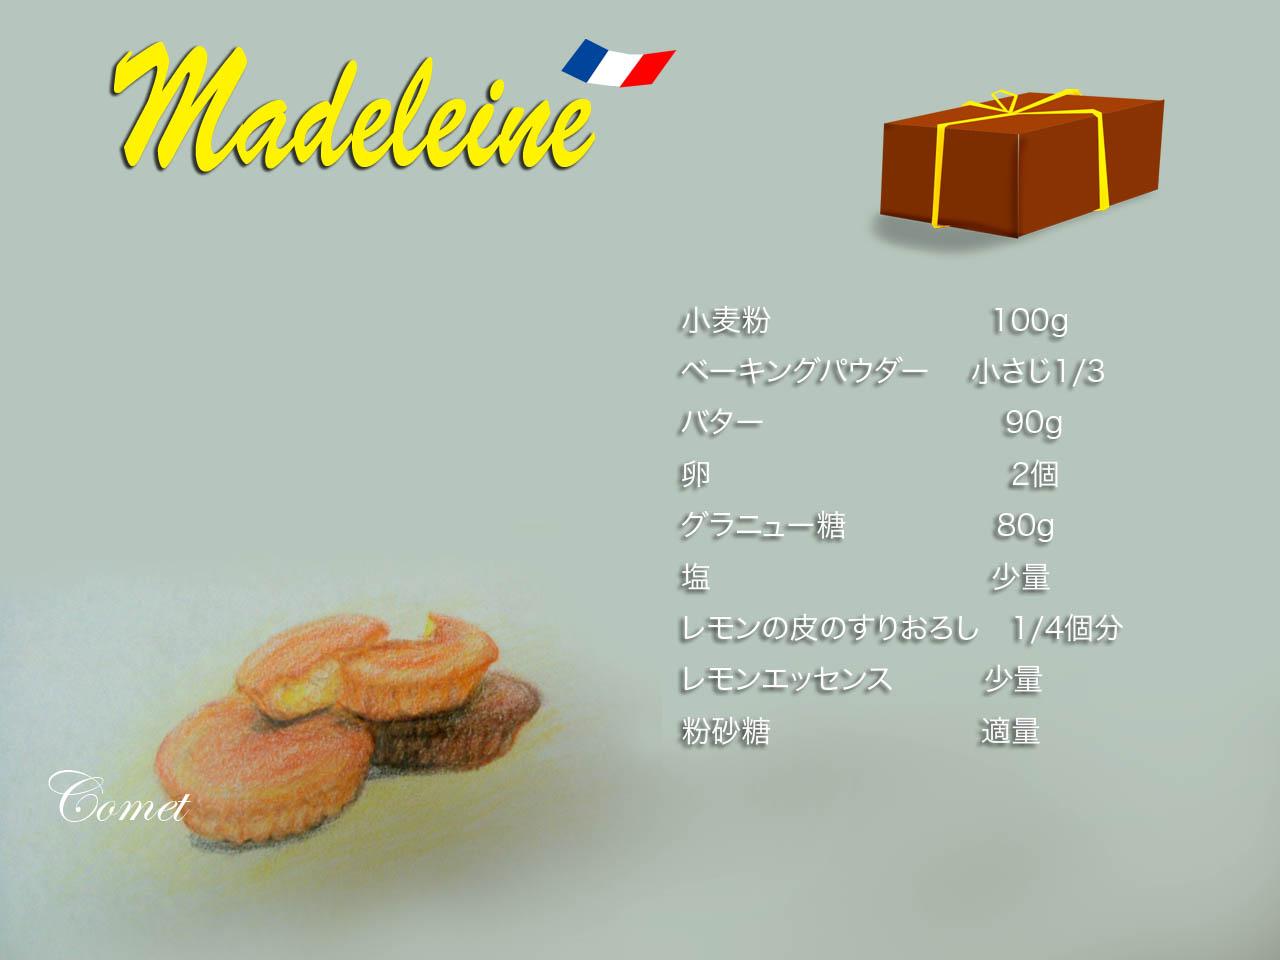 マドレーヌ_c0206645_10524533.jpg